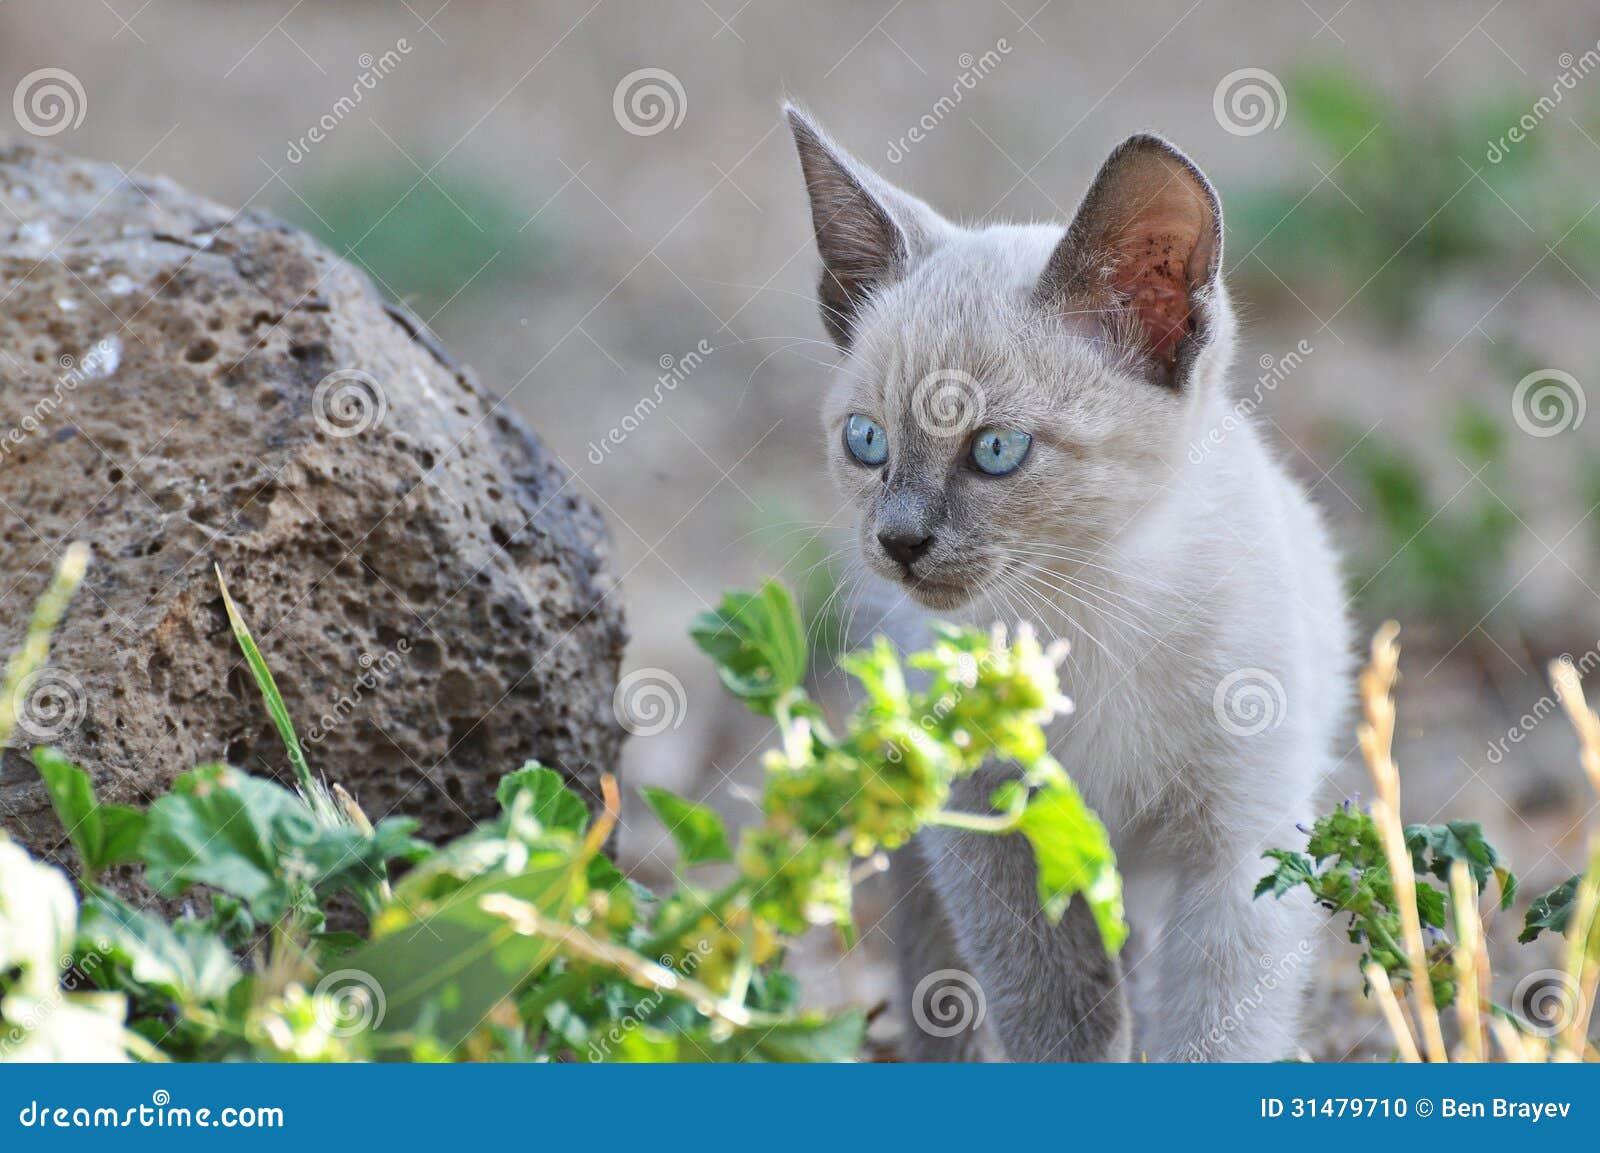 Cat cub